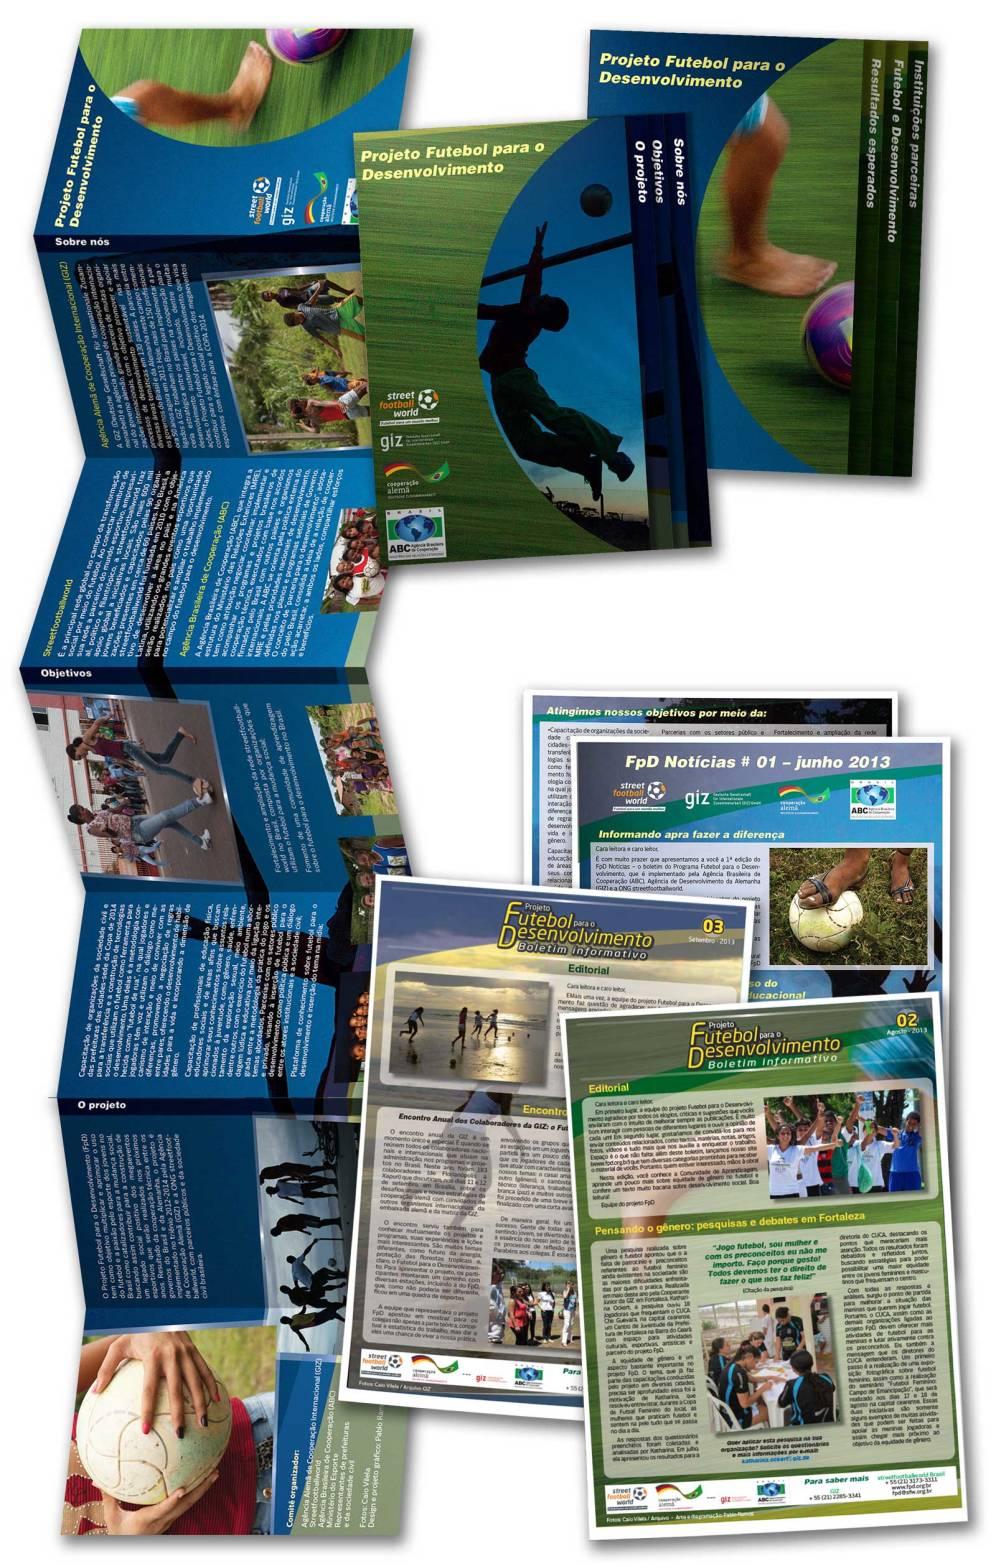 A StreetFootballWorld, organização alemâ, começou suas atividades no Brasil em 2013 divulgando sua mala direta digital e com apoio de material impresso.